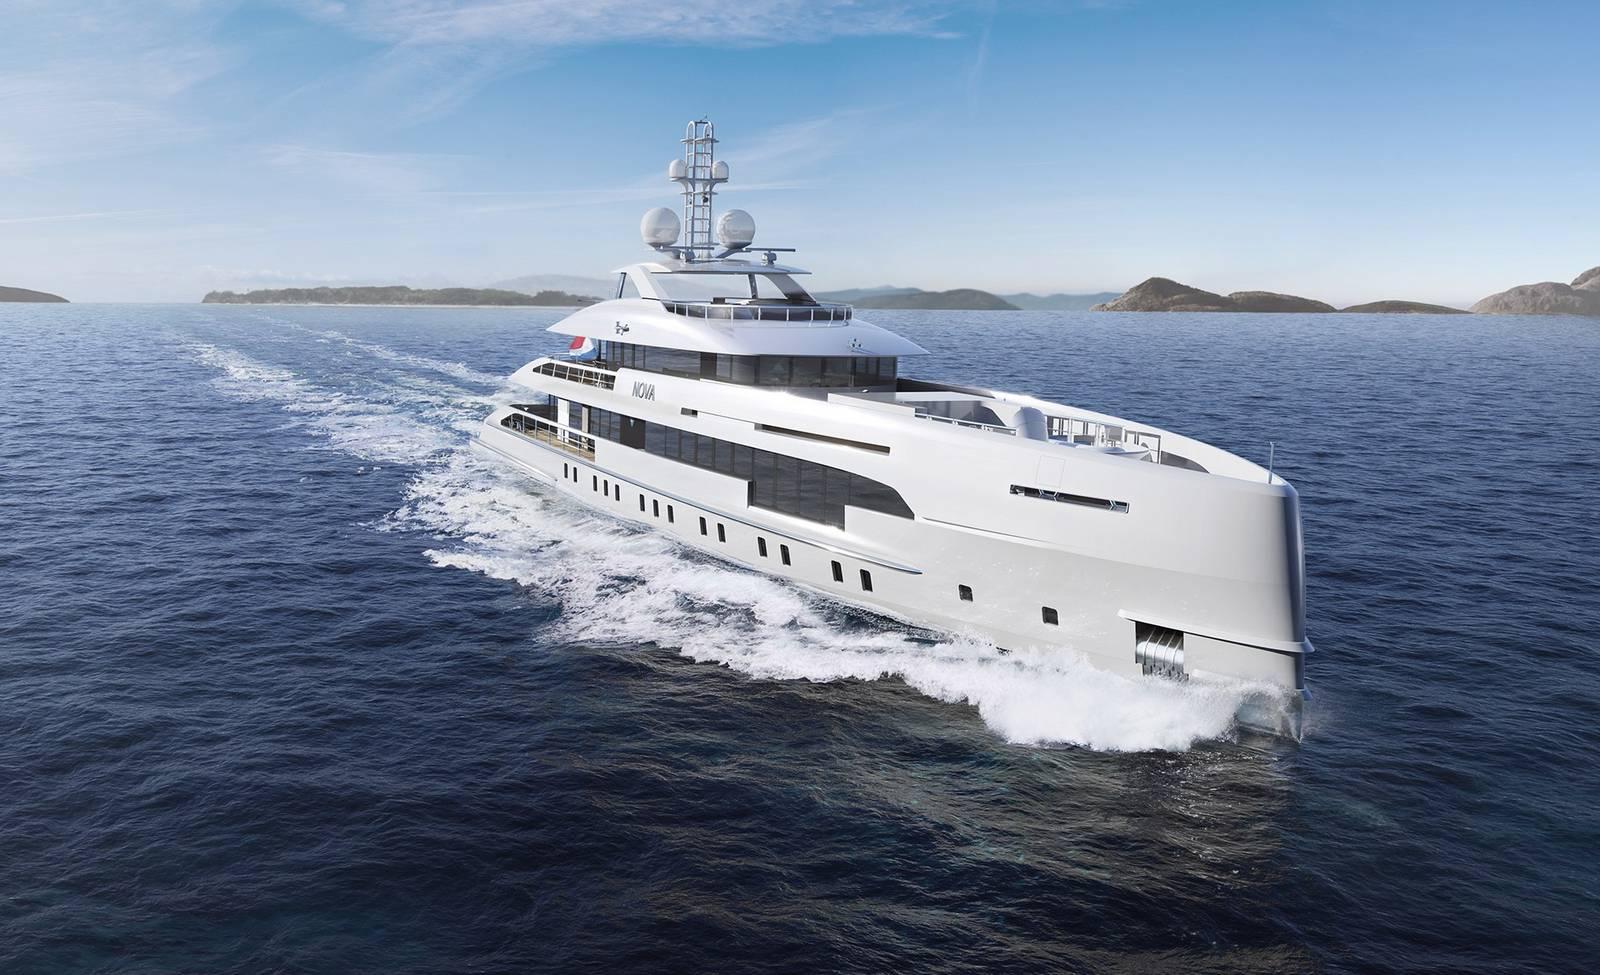 Heeesen Yachts Nova